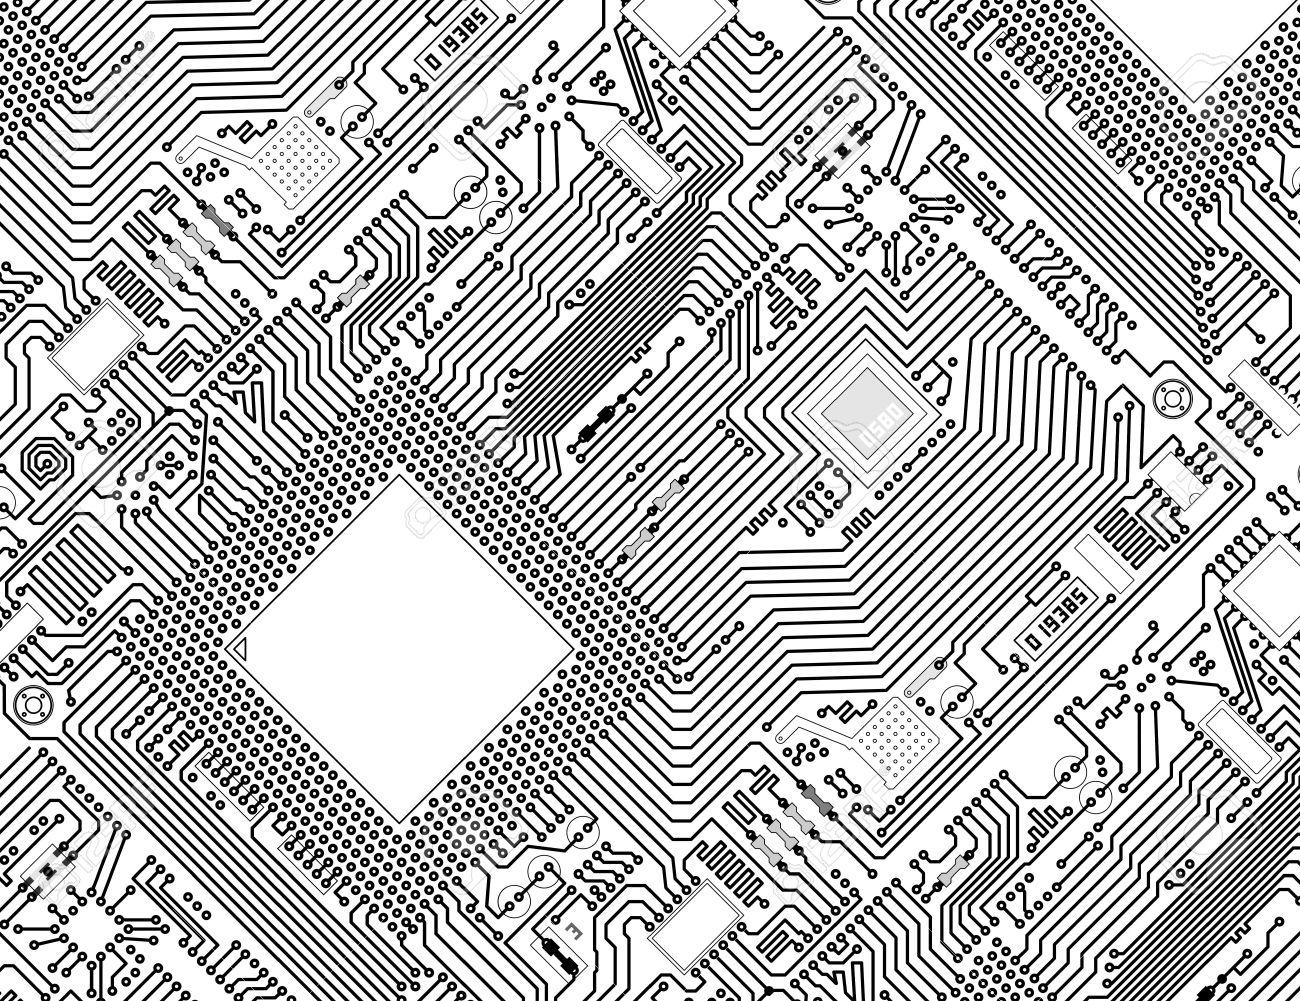 Circuit Board Drawing At Getdrawings Com